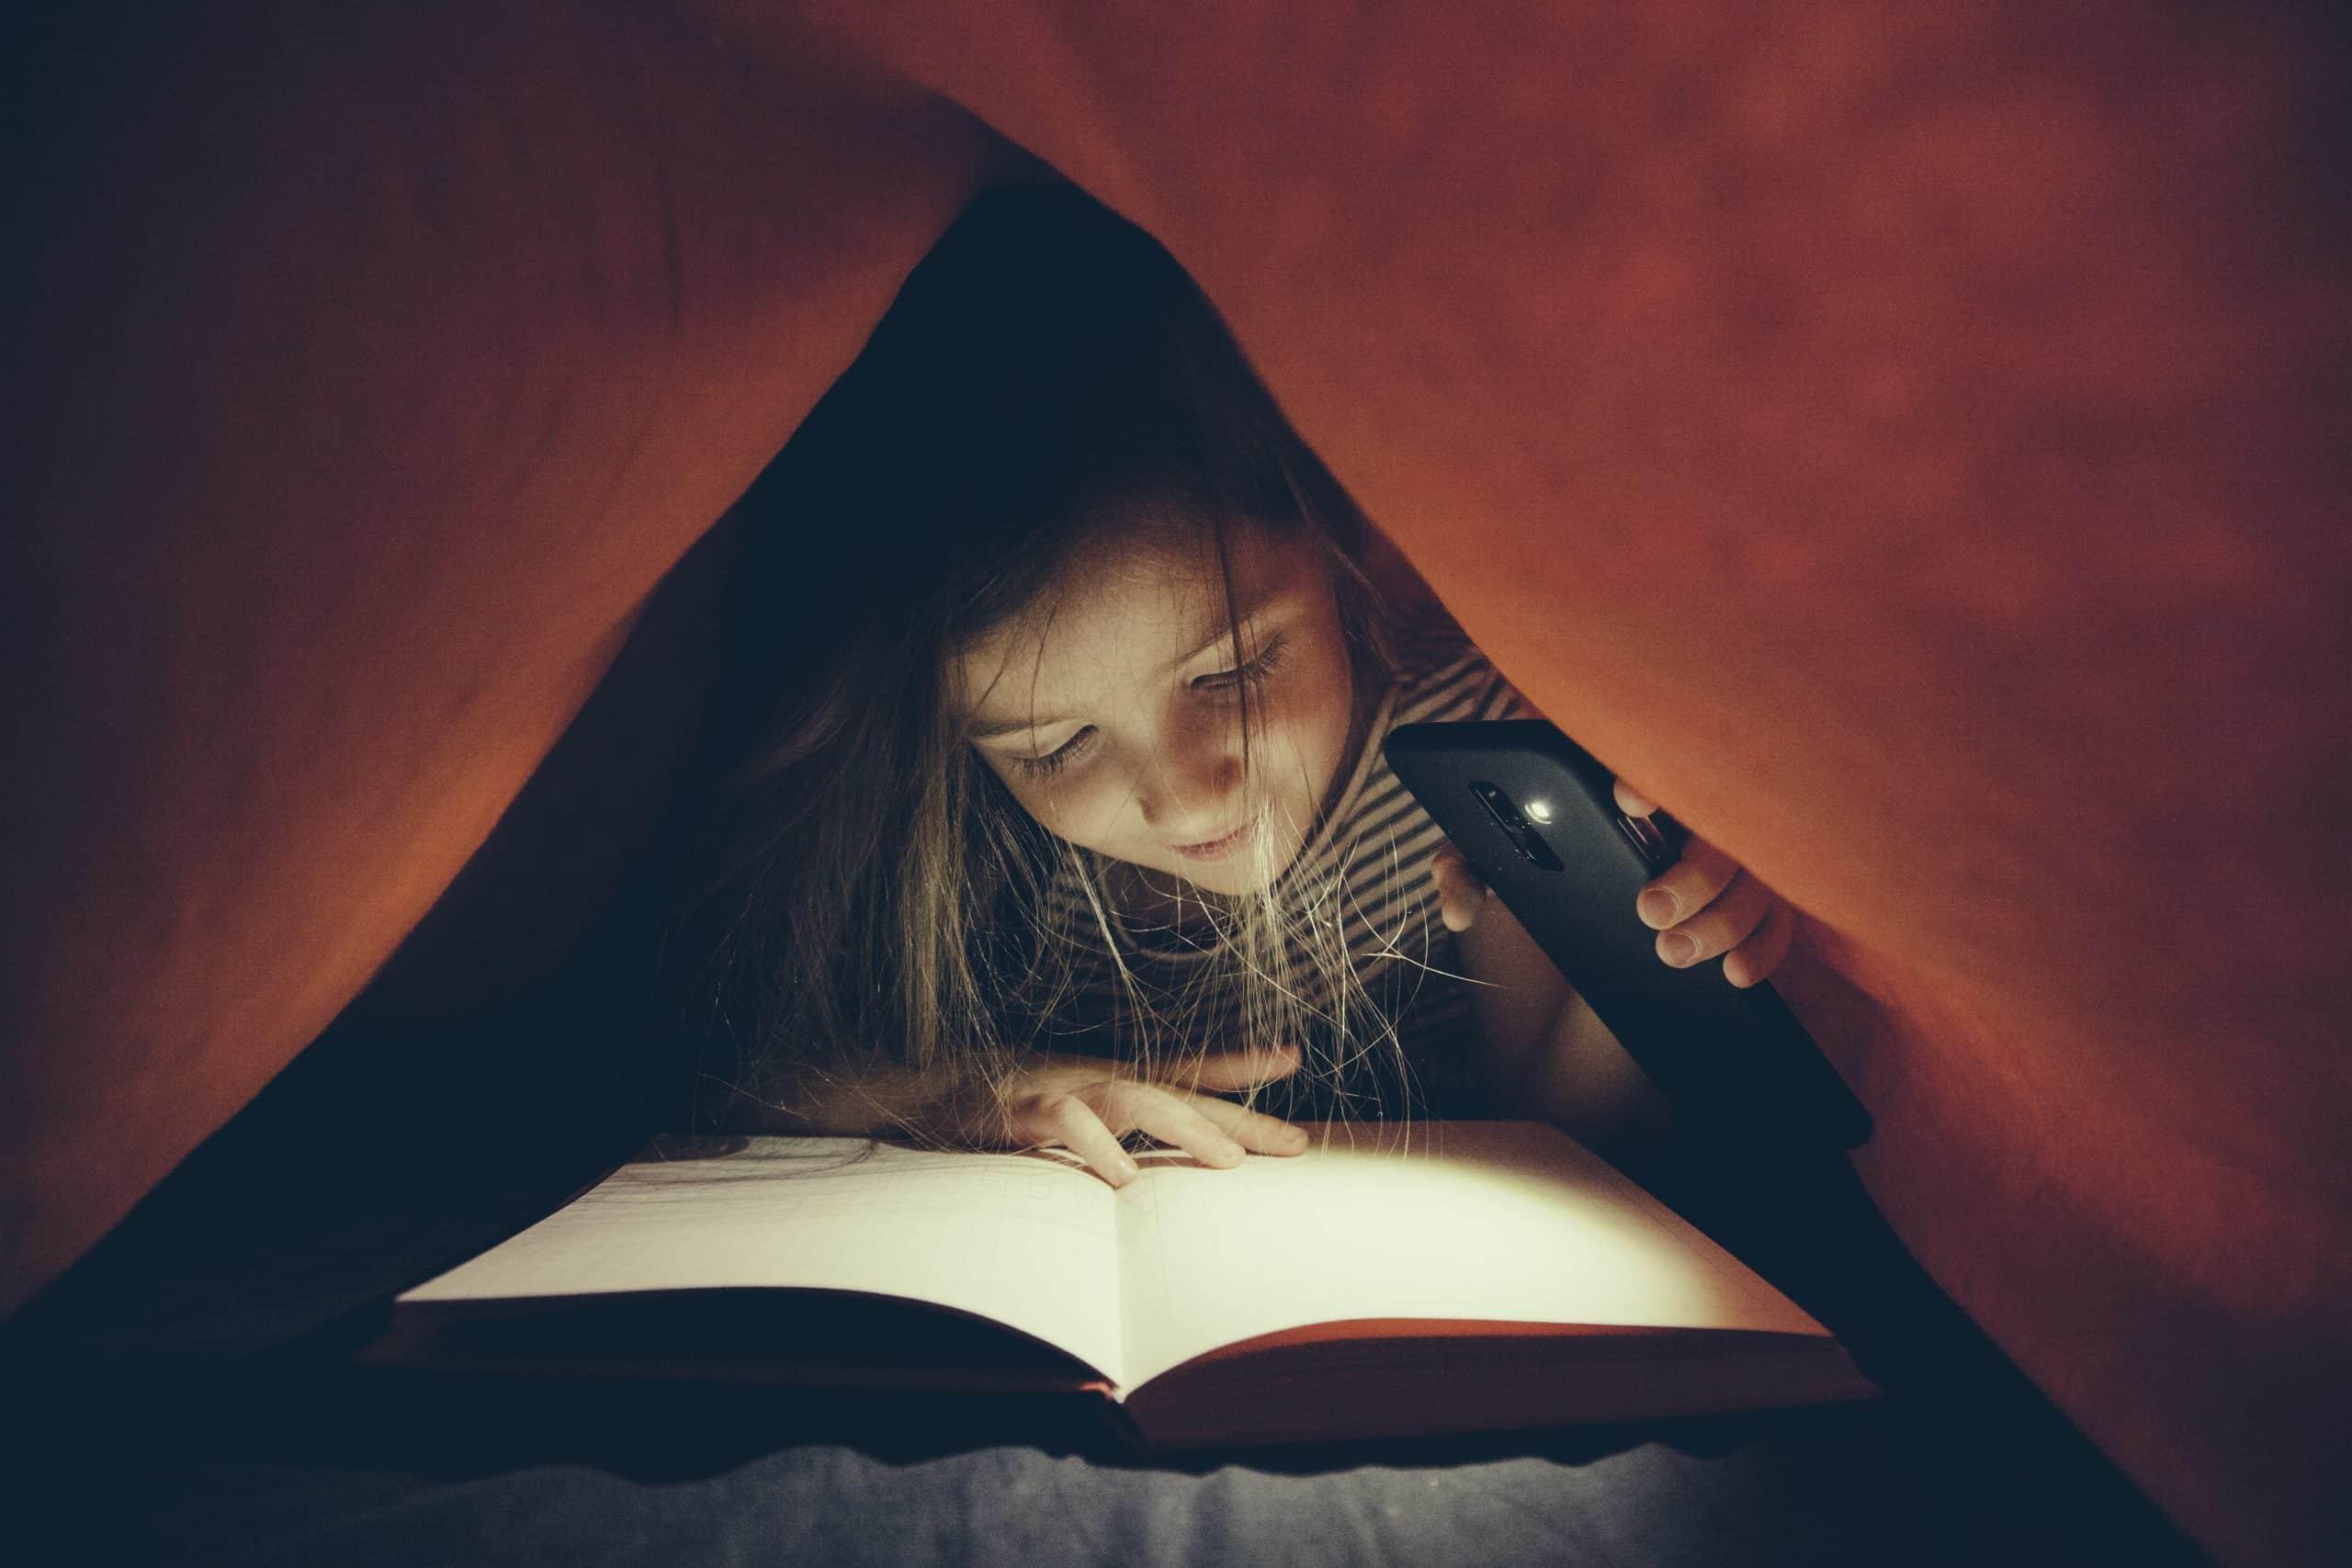 girl studying in dark under flashlight